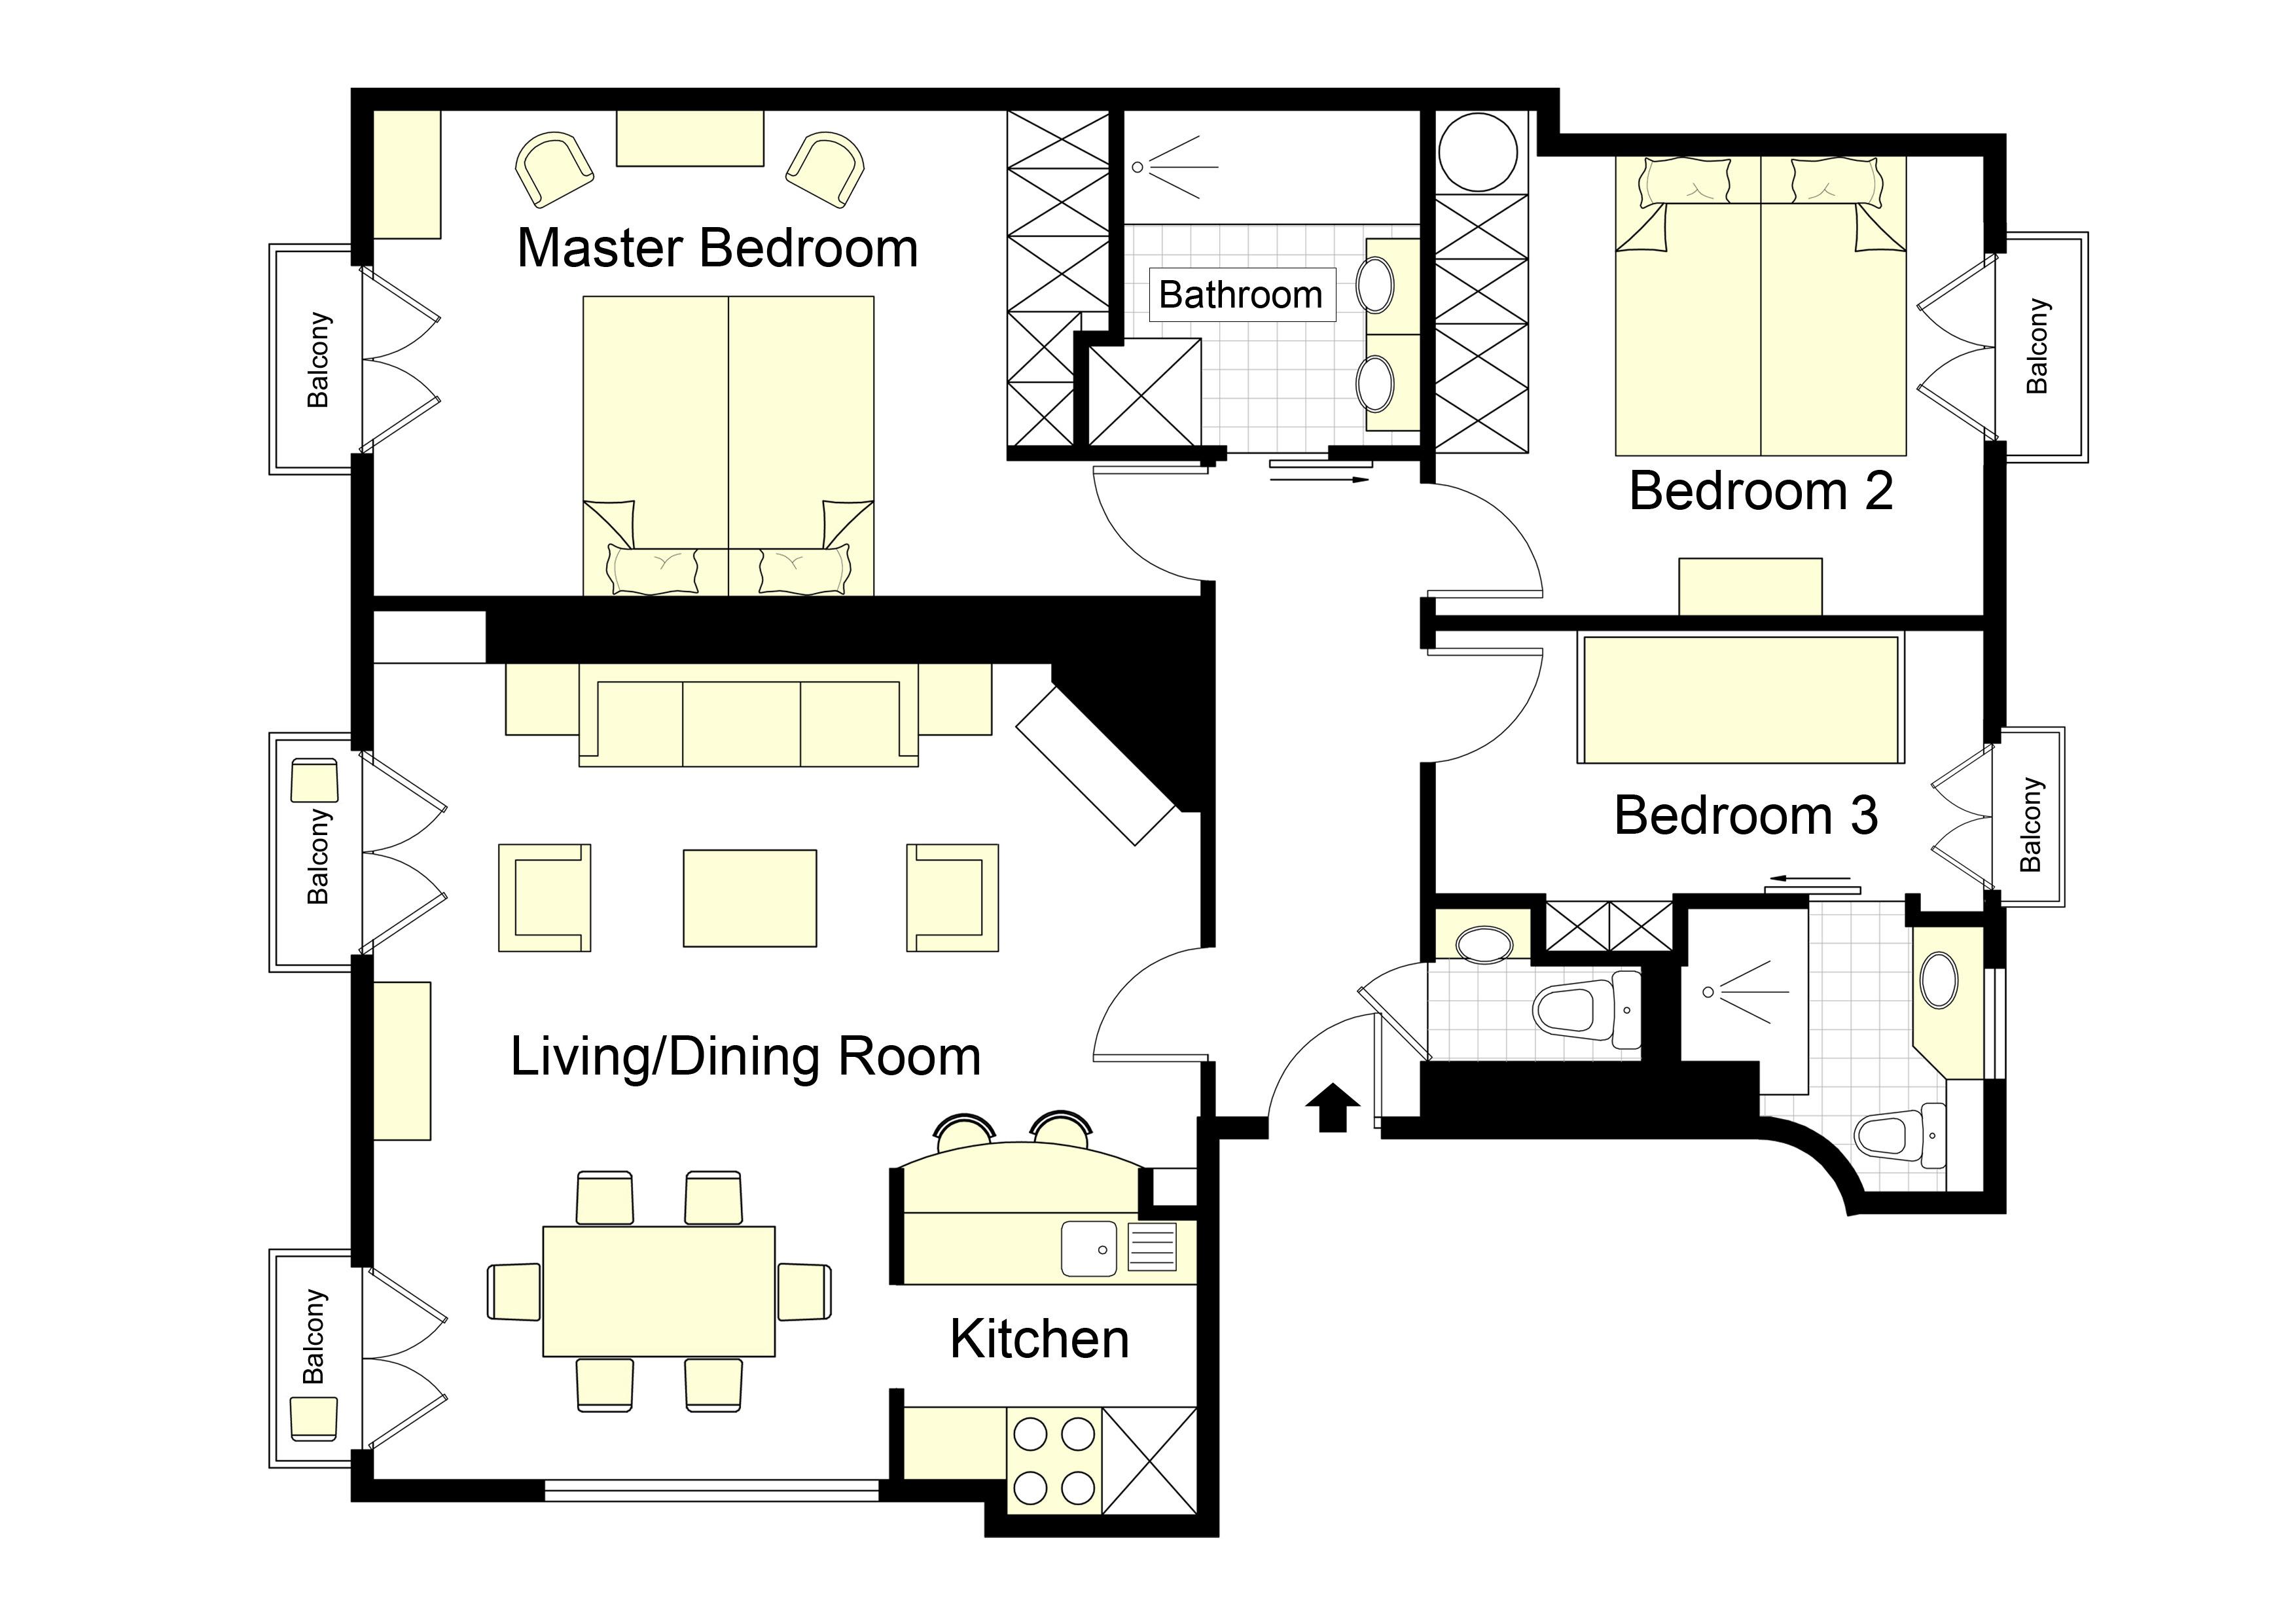 Floorplan of our 3 Bedroom Bergerac Apartment Rental in Paris